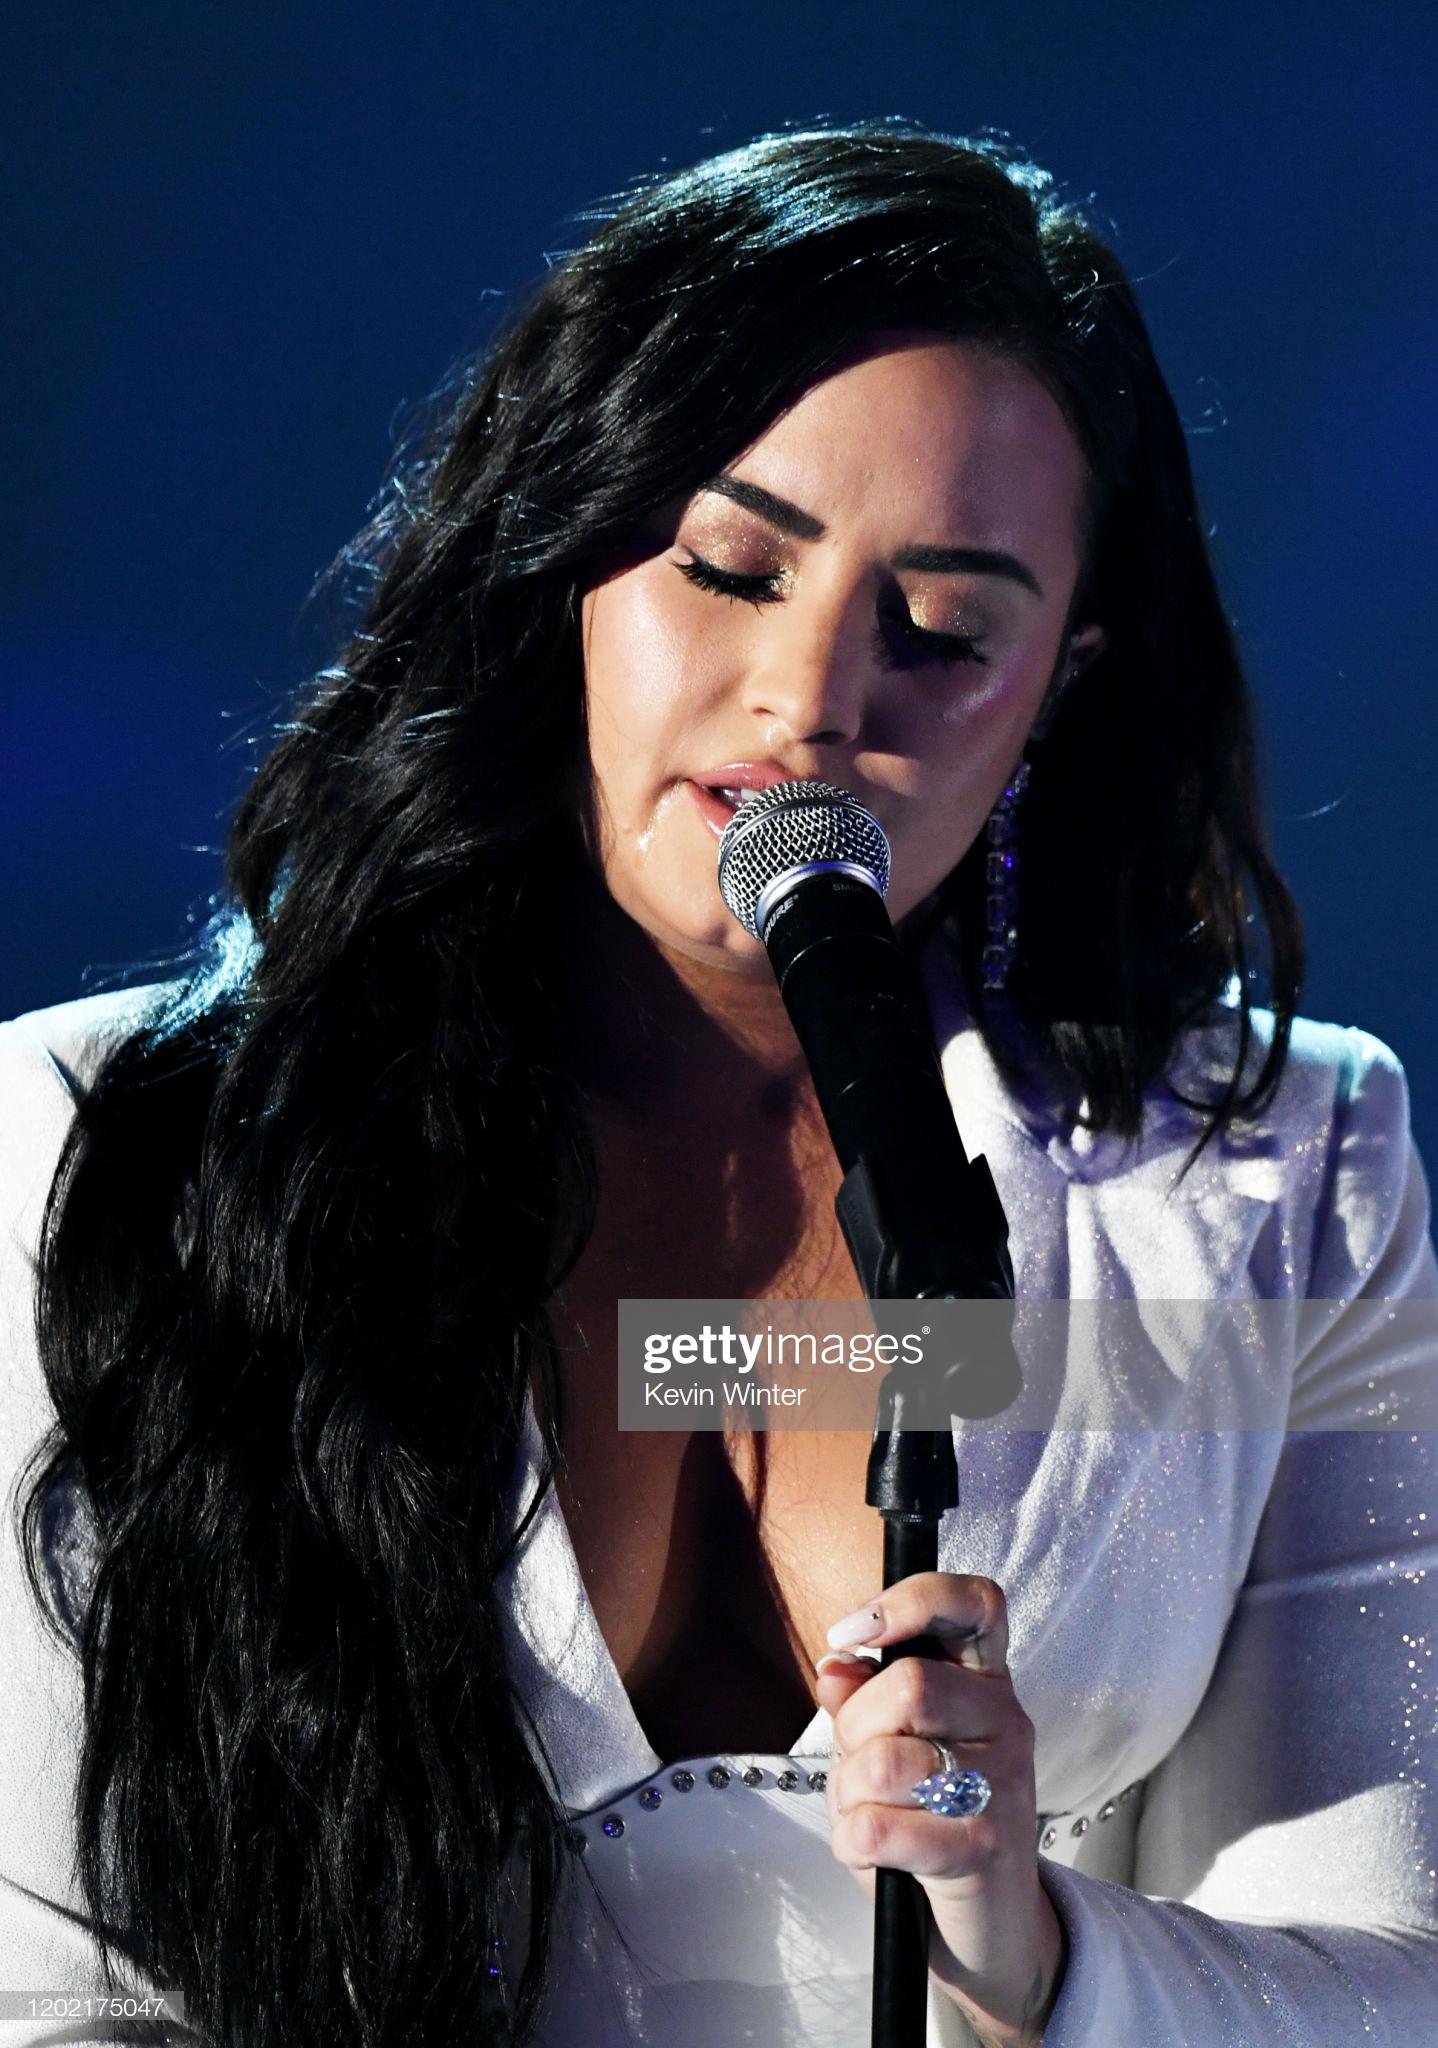 Nữ ca sĩ xúc động khi những giai điệu đầu tiên được cất lên